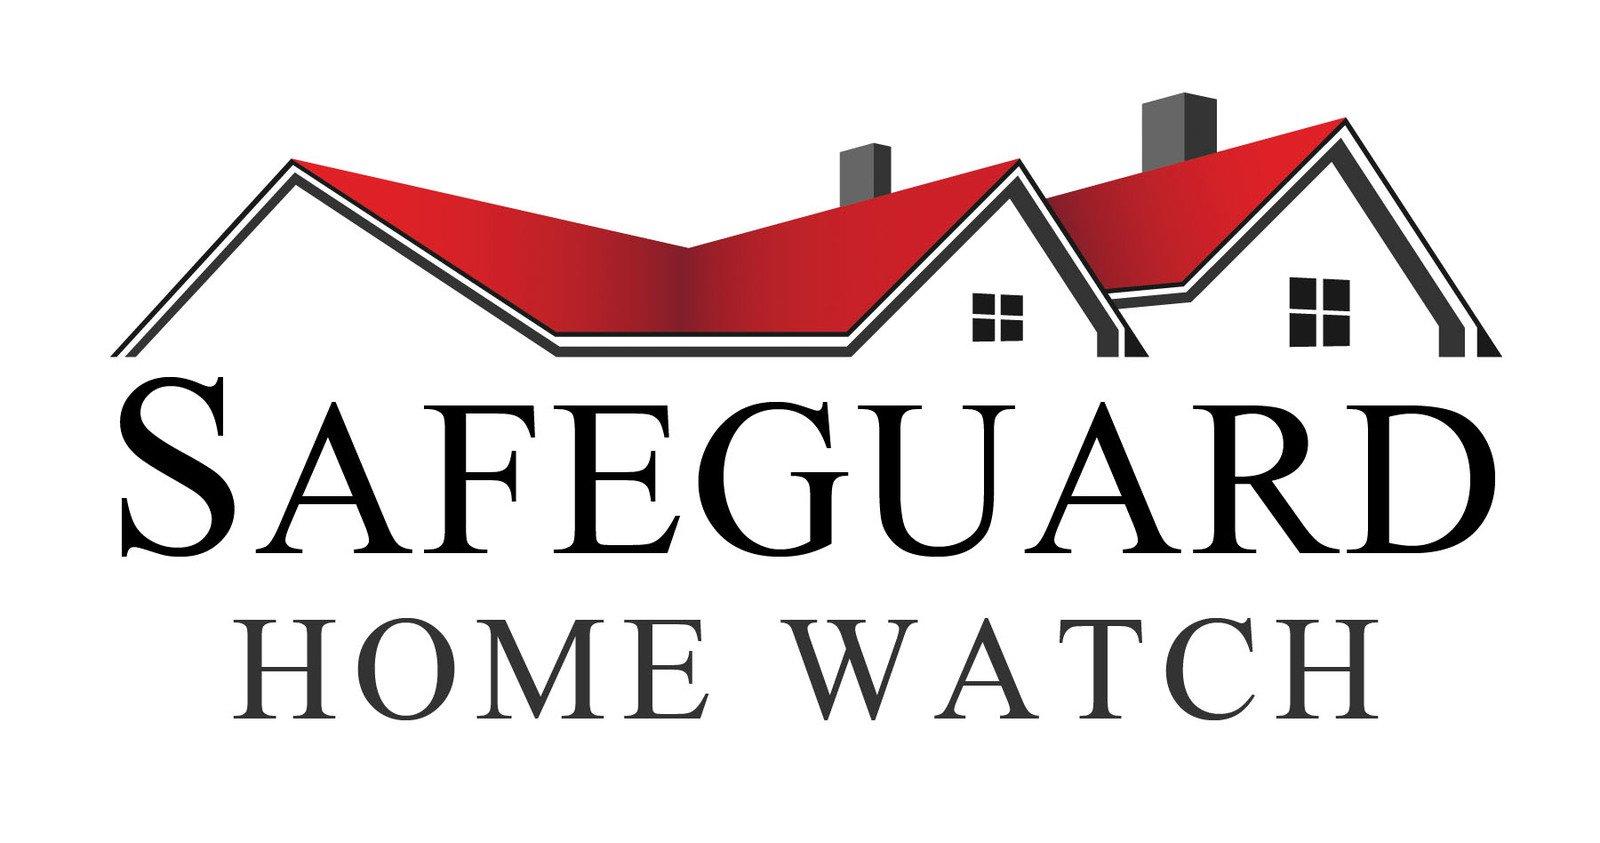 SafeGuard Home Watch Inc